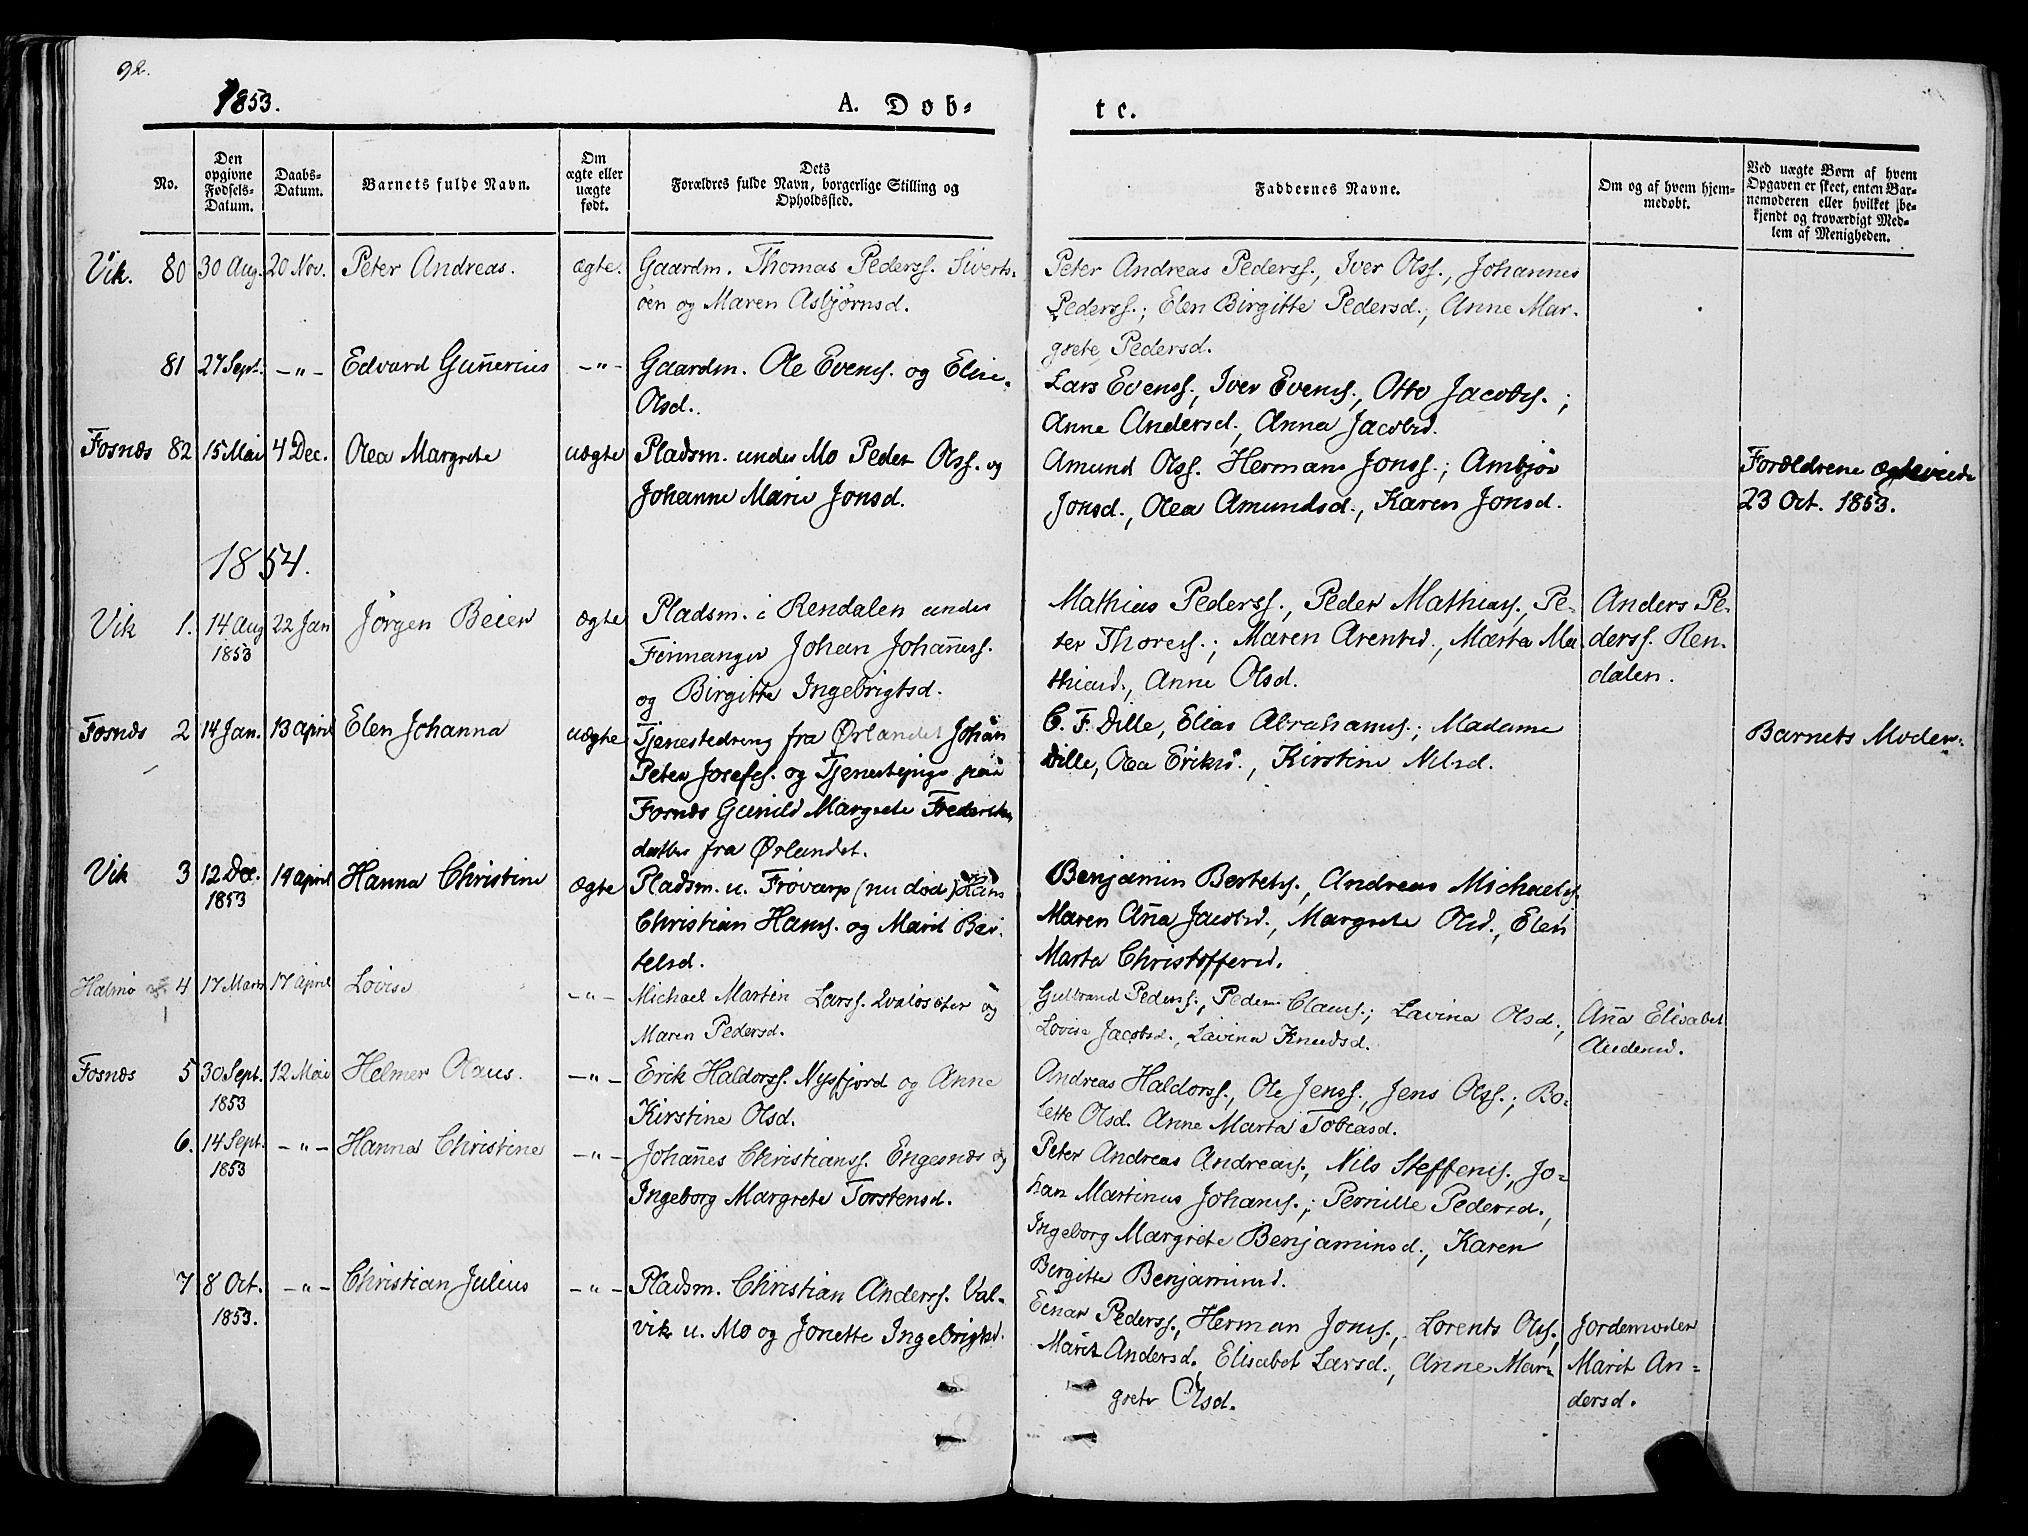 SAT, Ministerialprotokoller, klokkerbøker og fødselsregistre - Nord-Trøndelag, 773/L0614: Ministerialbok nr. 773A05, 1831-1856, s. 92